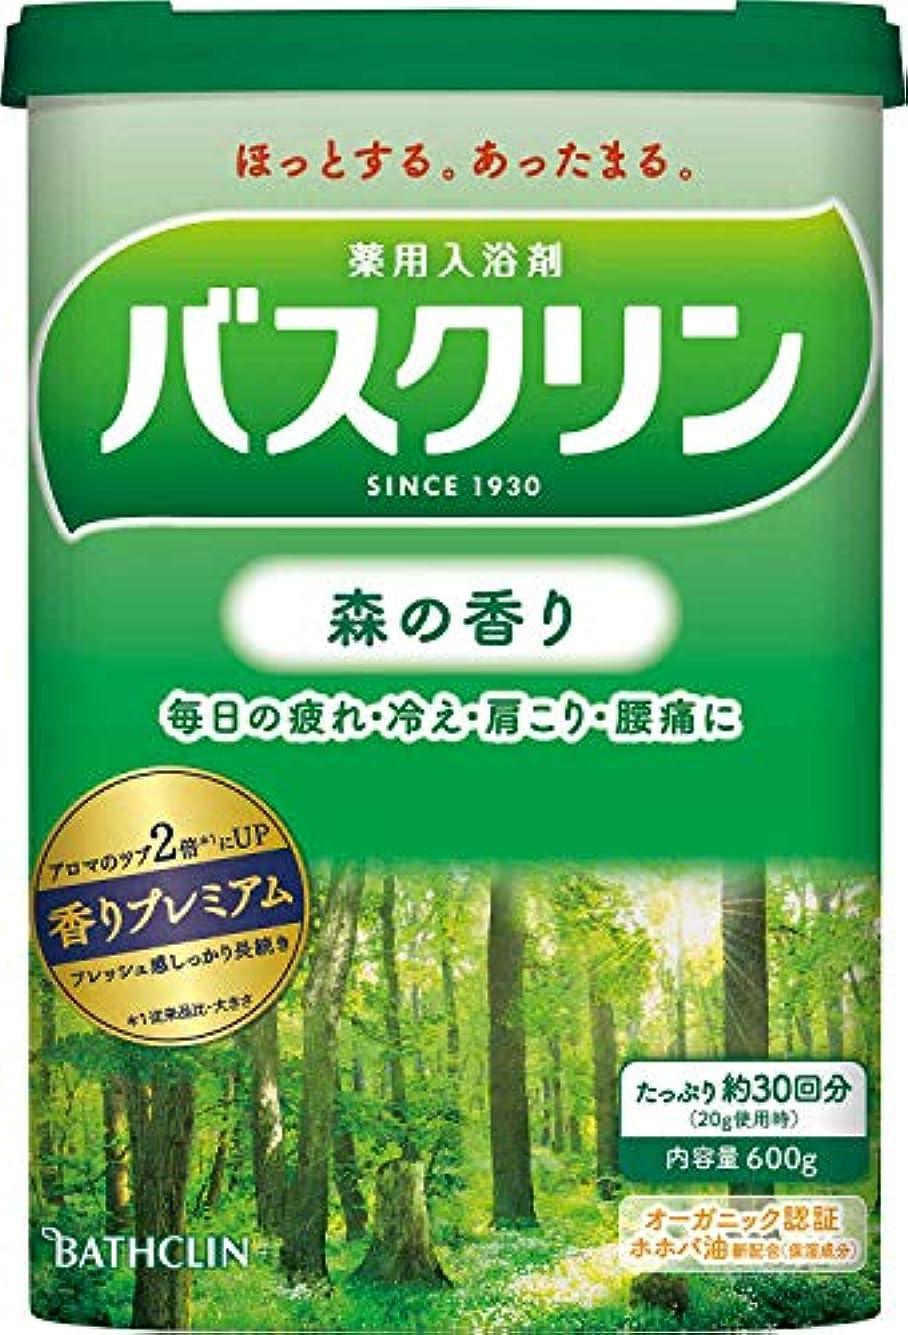 パレード情緒的リファイン【医薬部外品】バスクリン入浴剤 森の香り600g入浴剤(約30回分) 疲労回復